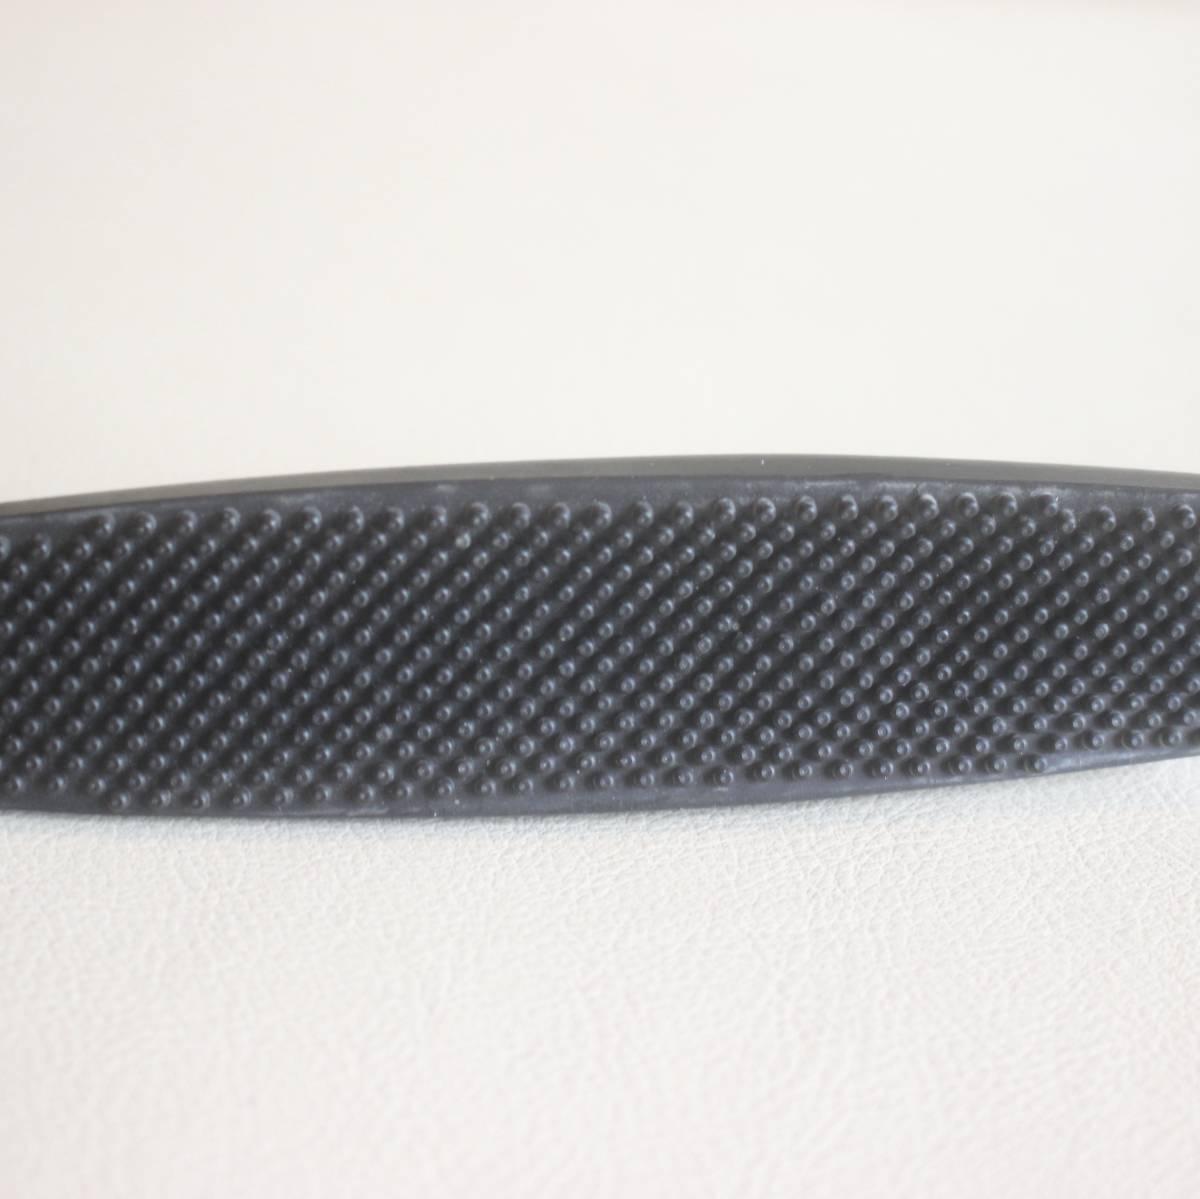 ゼンザ ブロニカ ZENZA BRONICA ストラップ 黒色 ブラック 金具付き (S2後期 ~ ECシリーズ 用) ★(68)_画像4